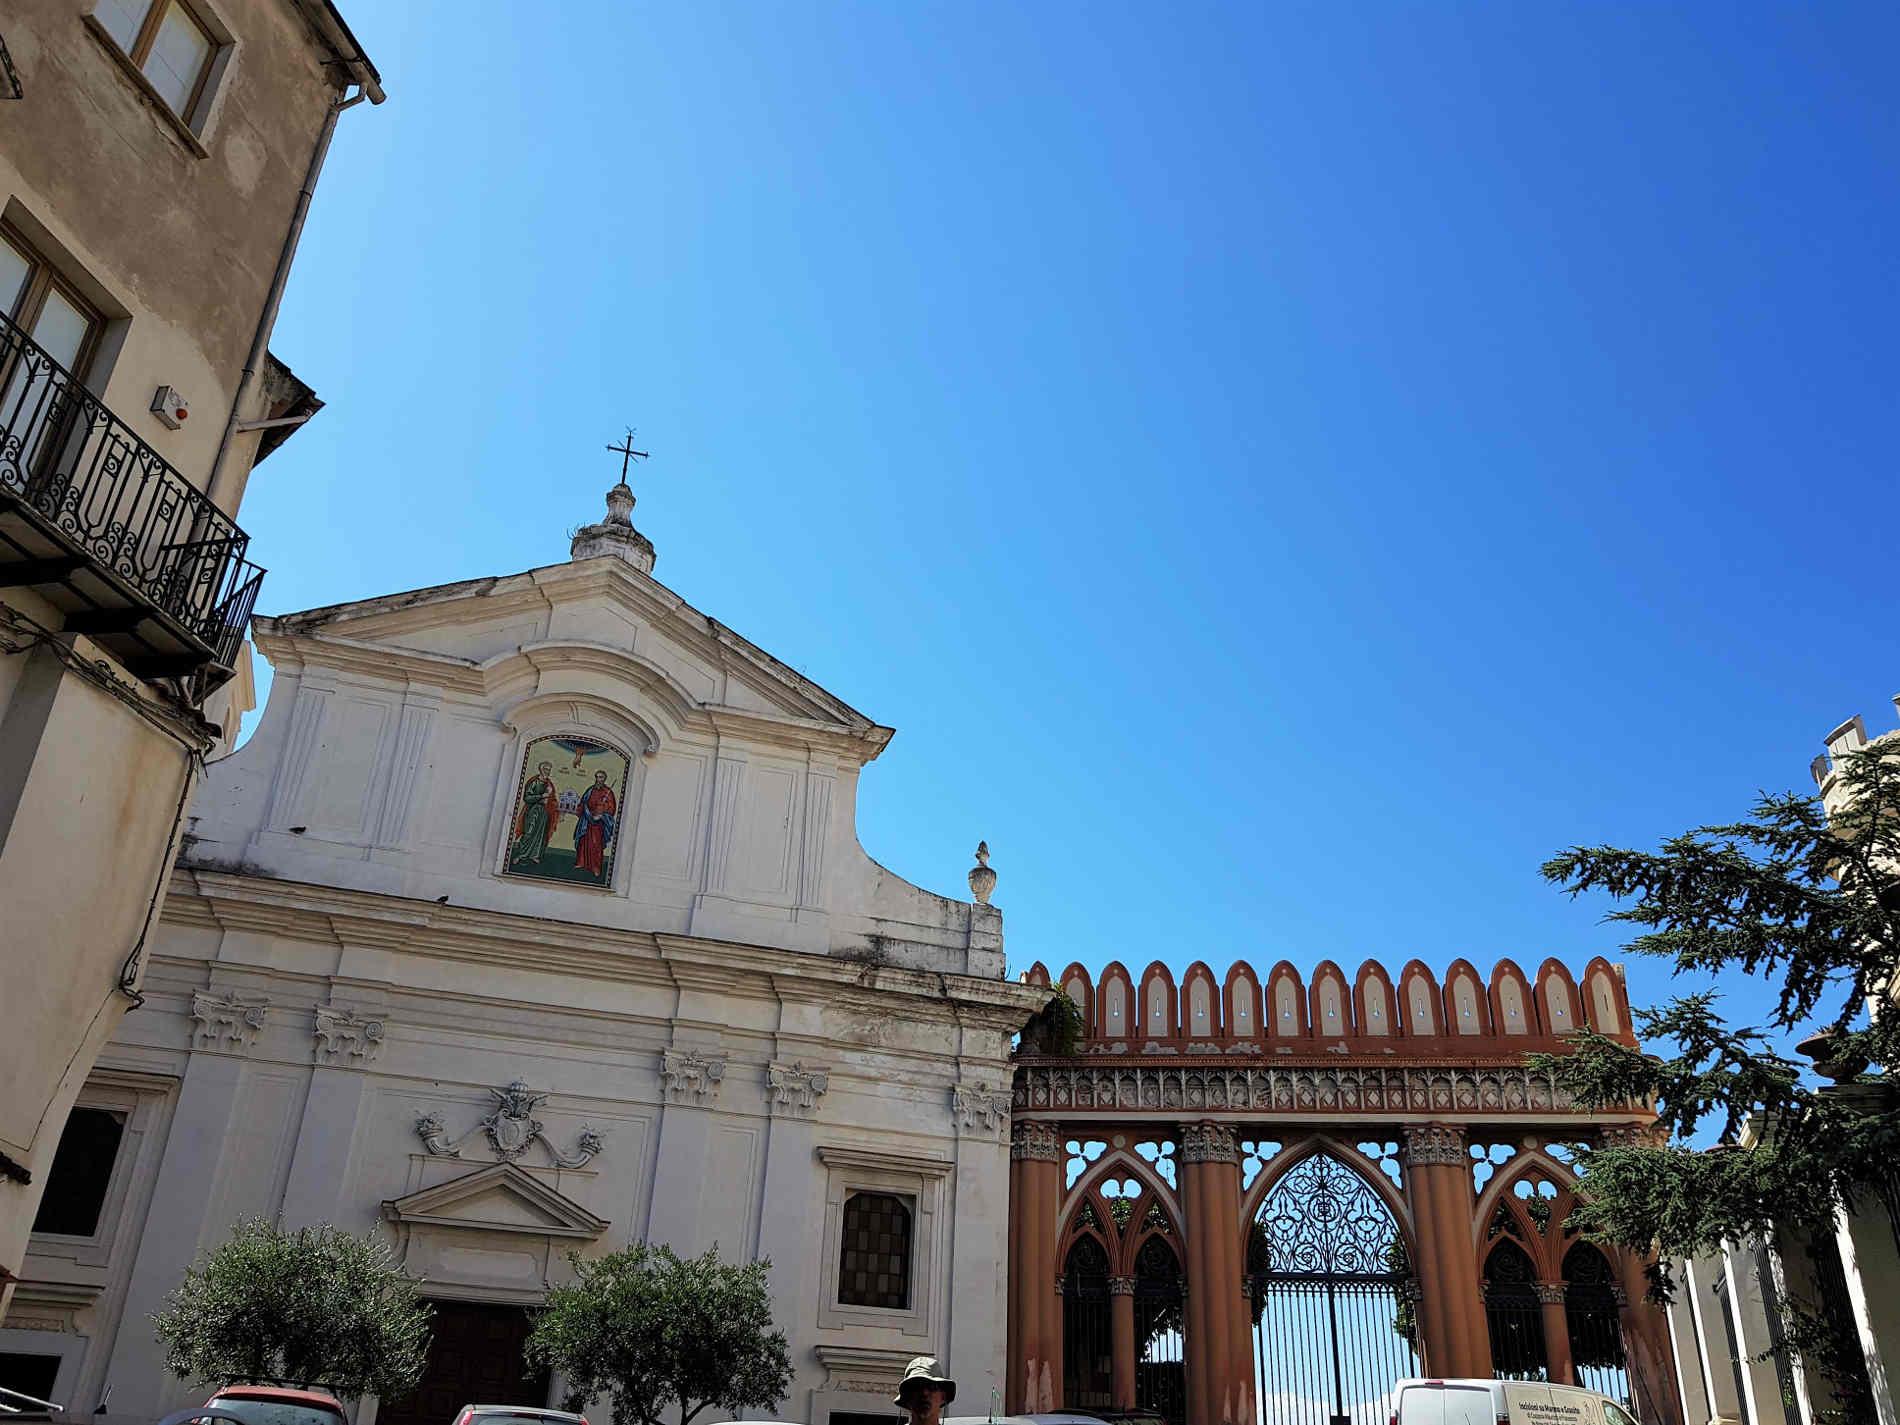 Chiesa di San Pietro e Paolo di Corigliano Calabro e ingresso al Castello